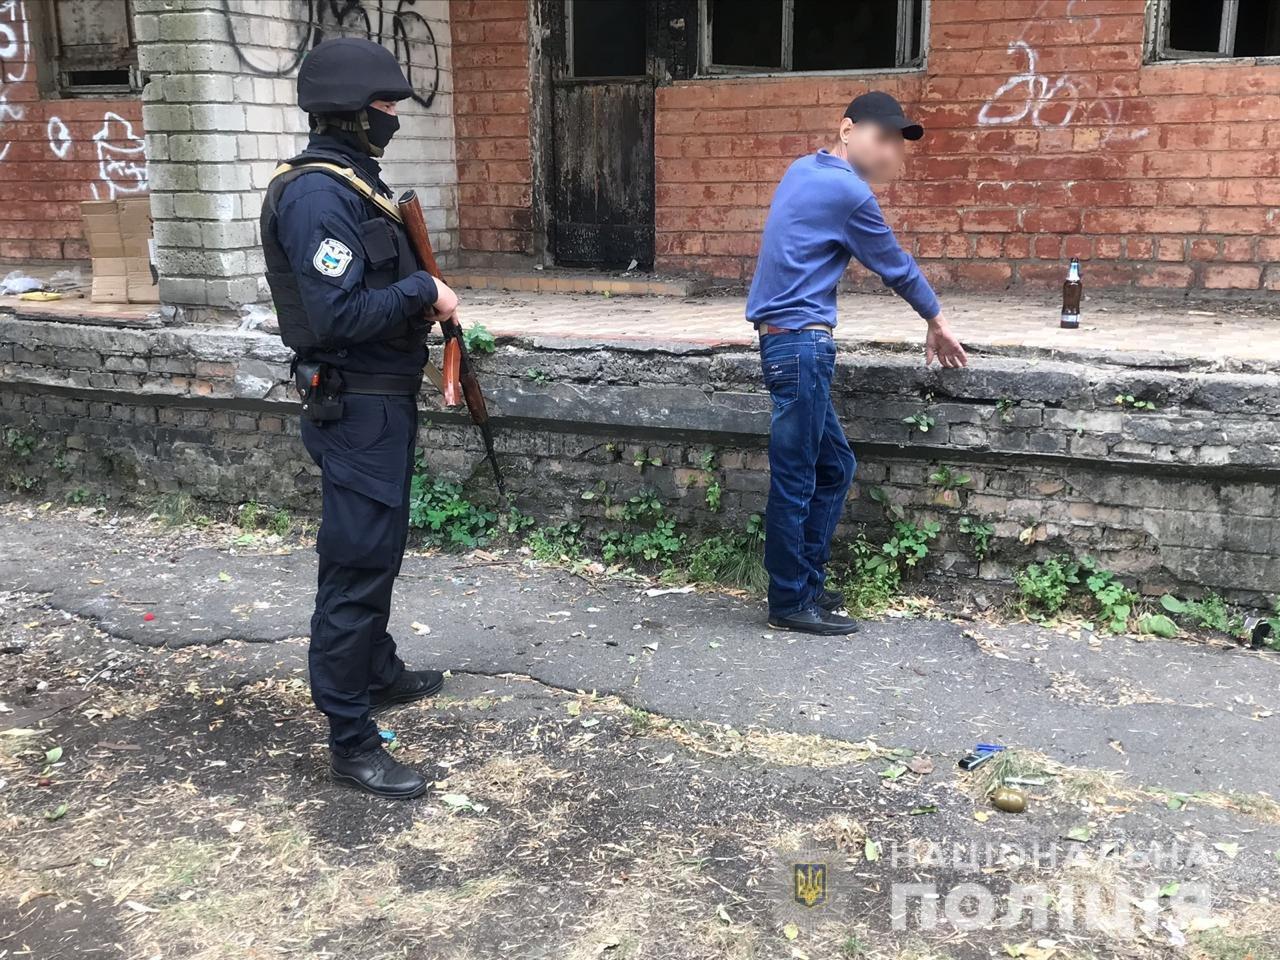 В Днепропетровской области мужчина пил пиво, а полицейские нашли у него гранату, - ФОТО, фото-1